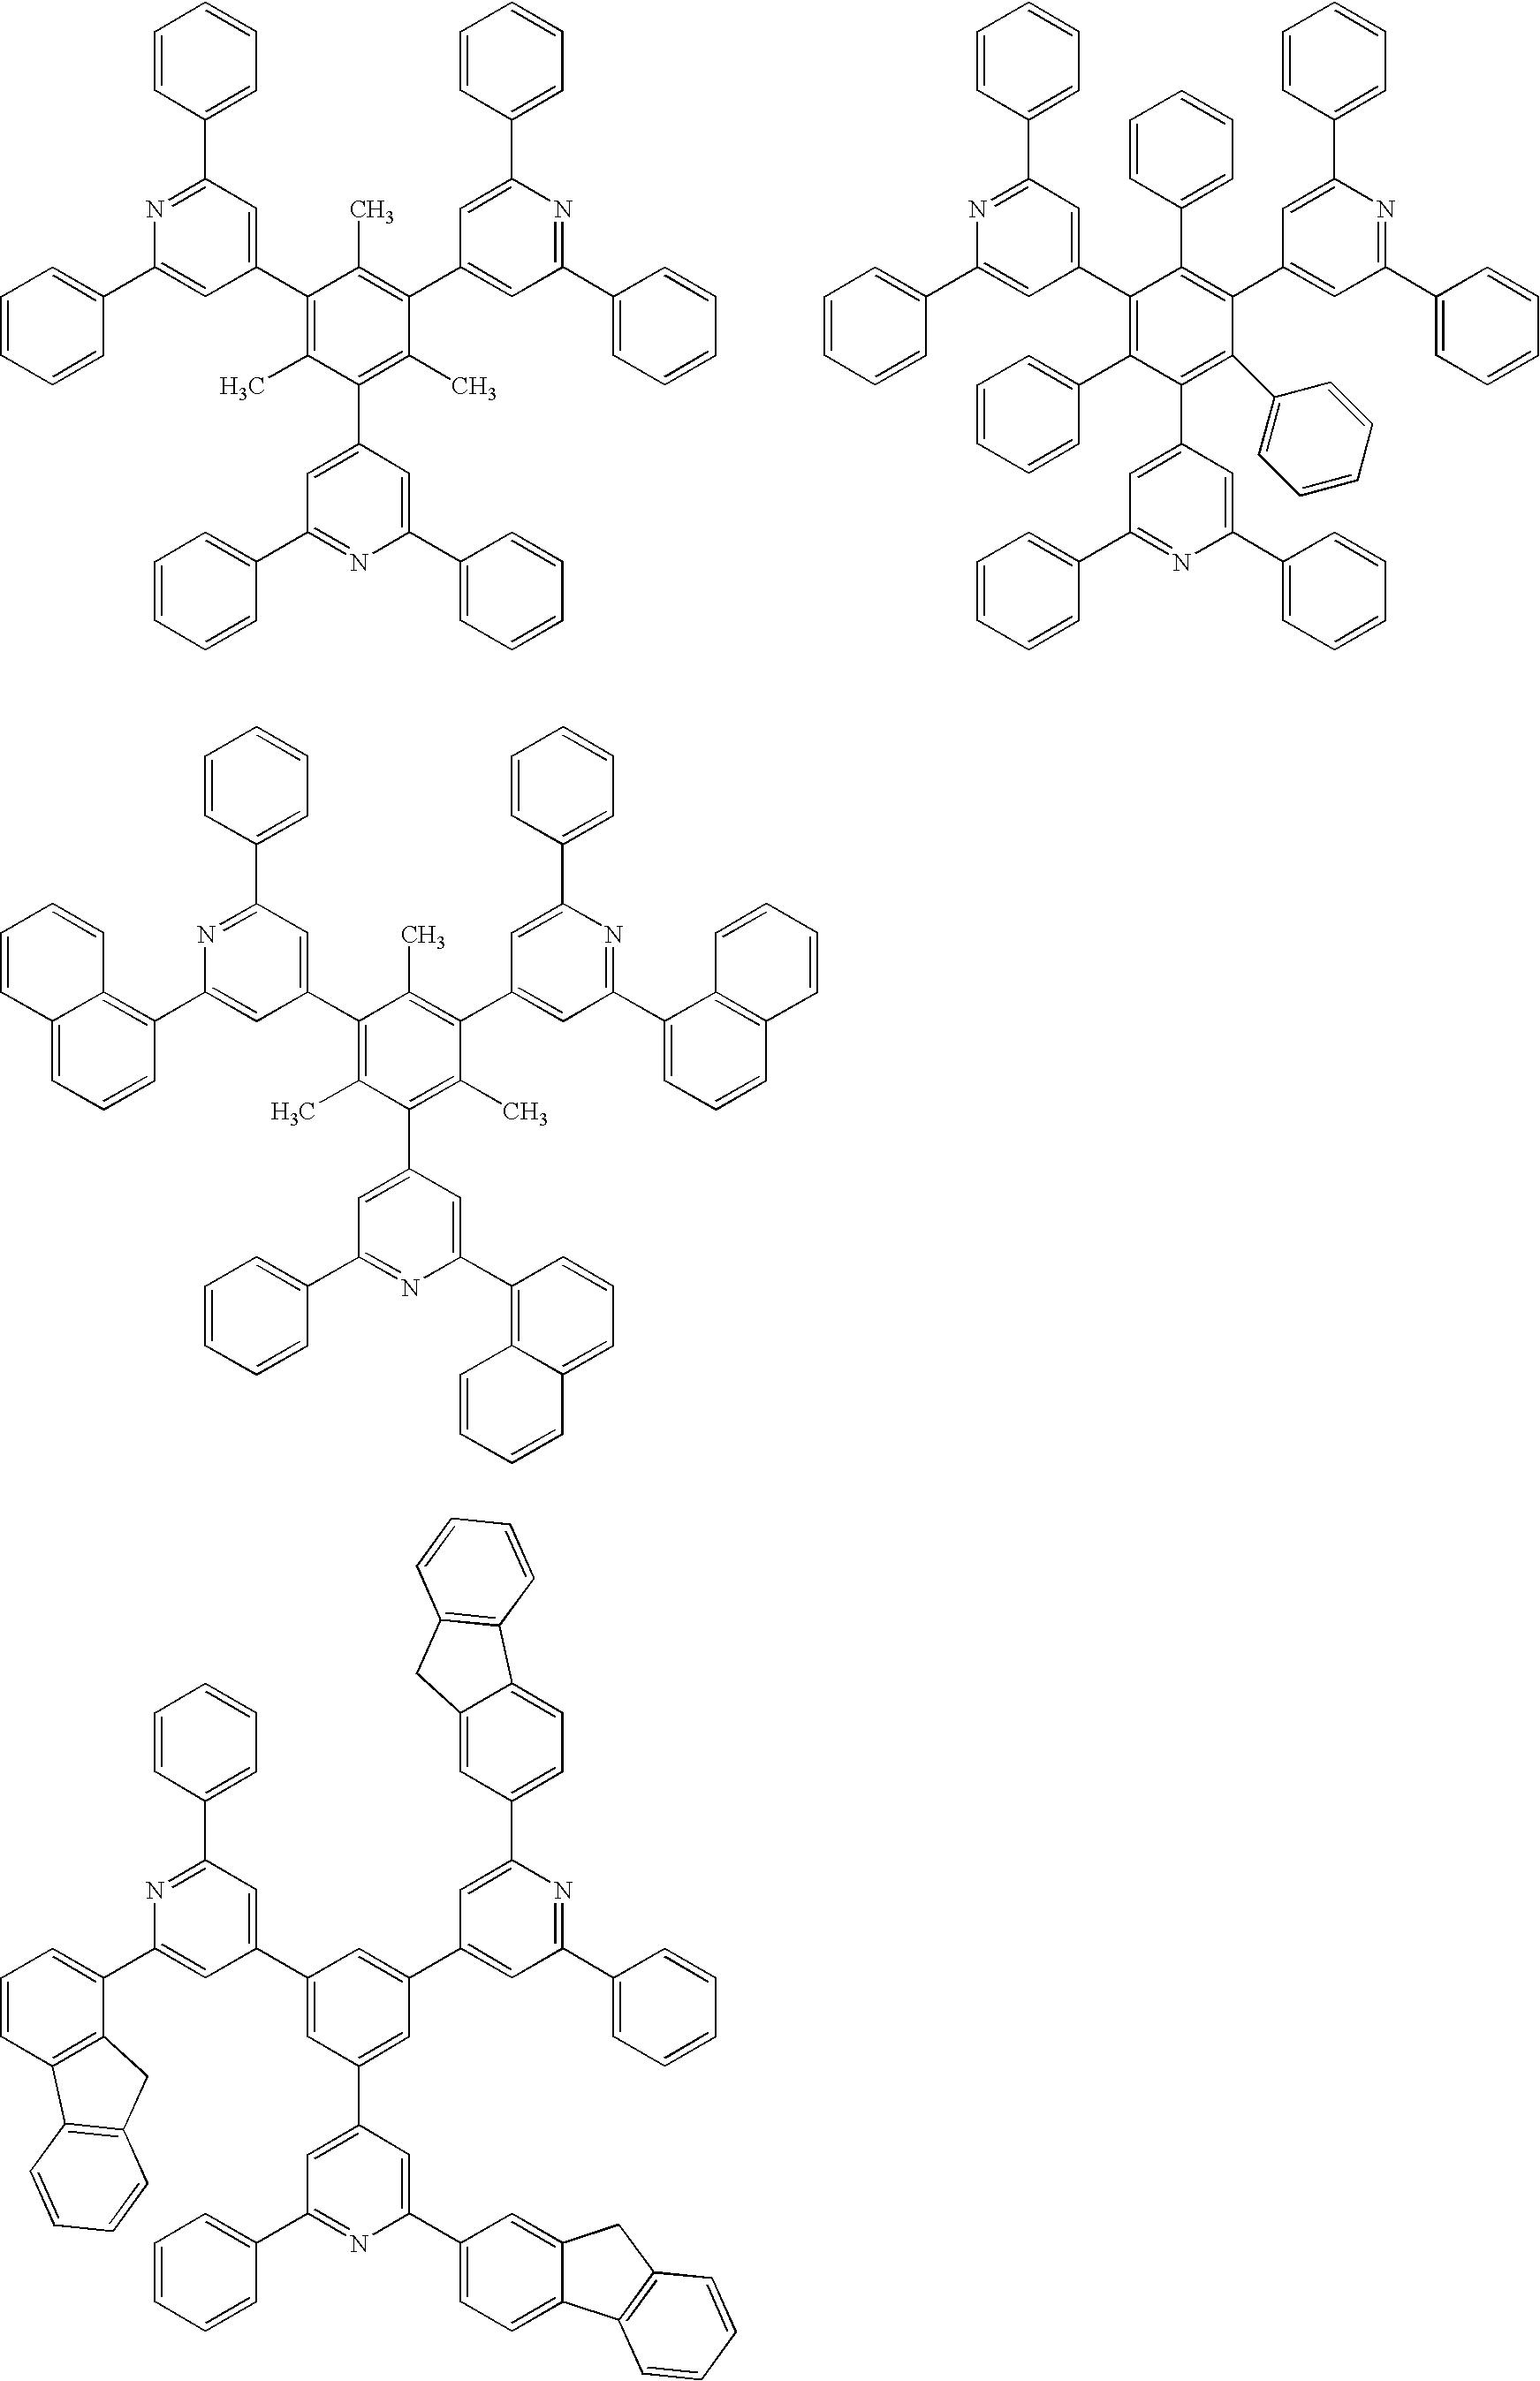 Figure US20060186796A1-20060824-C00110